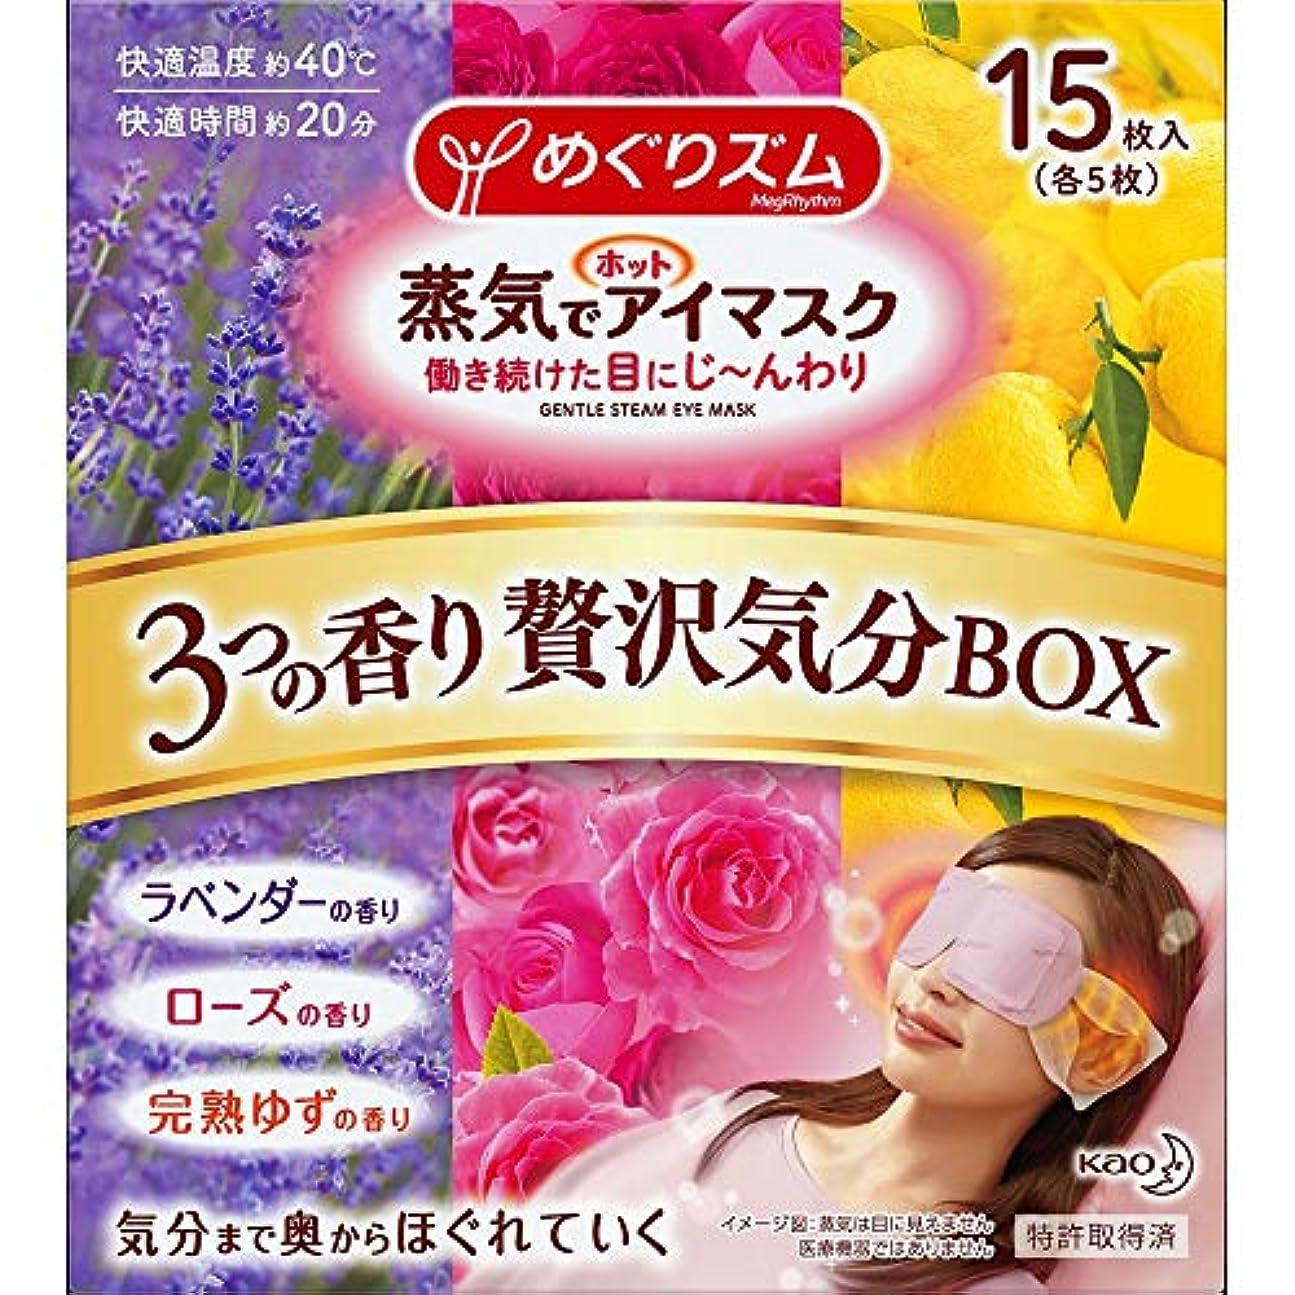 軽量復活成人期【数量限定】めぐりズム 蒸気でホットアイマスク アソートBOX(ラベンダーの香り、完熟ゆずの香り、ローズの香り各5枚) 15枚入